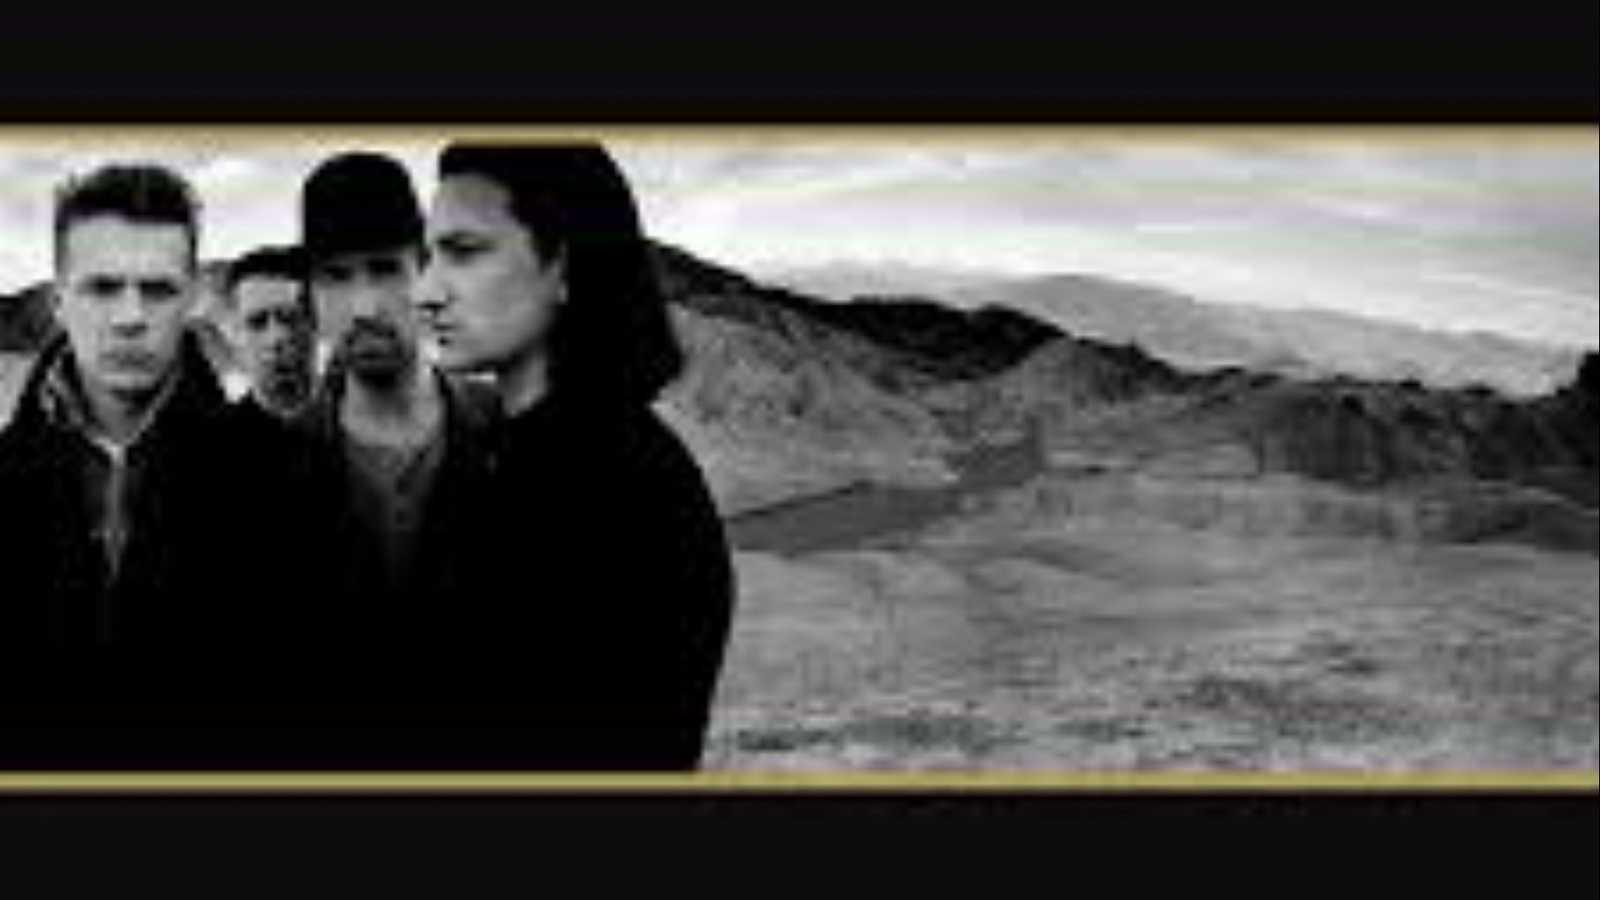 Disco grande - El disco grande de U2 de los 80's y Visconti mezcla a Bowie - 13/10/20 - escuchar ahora